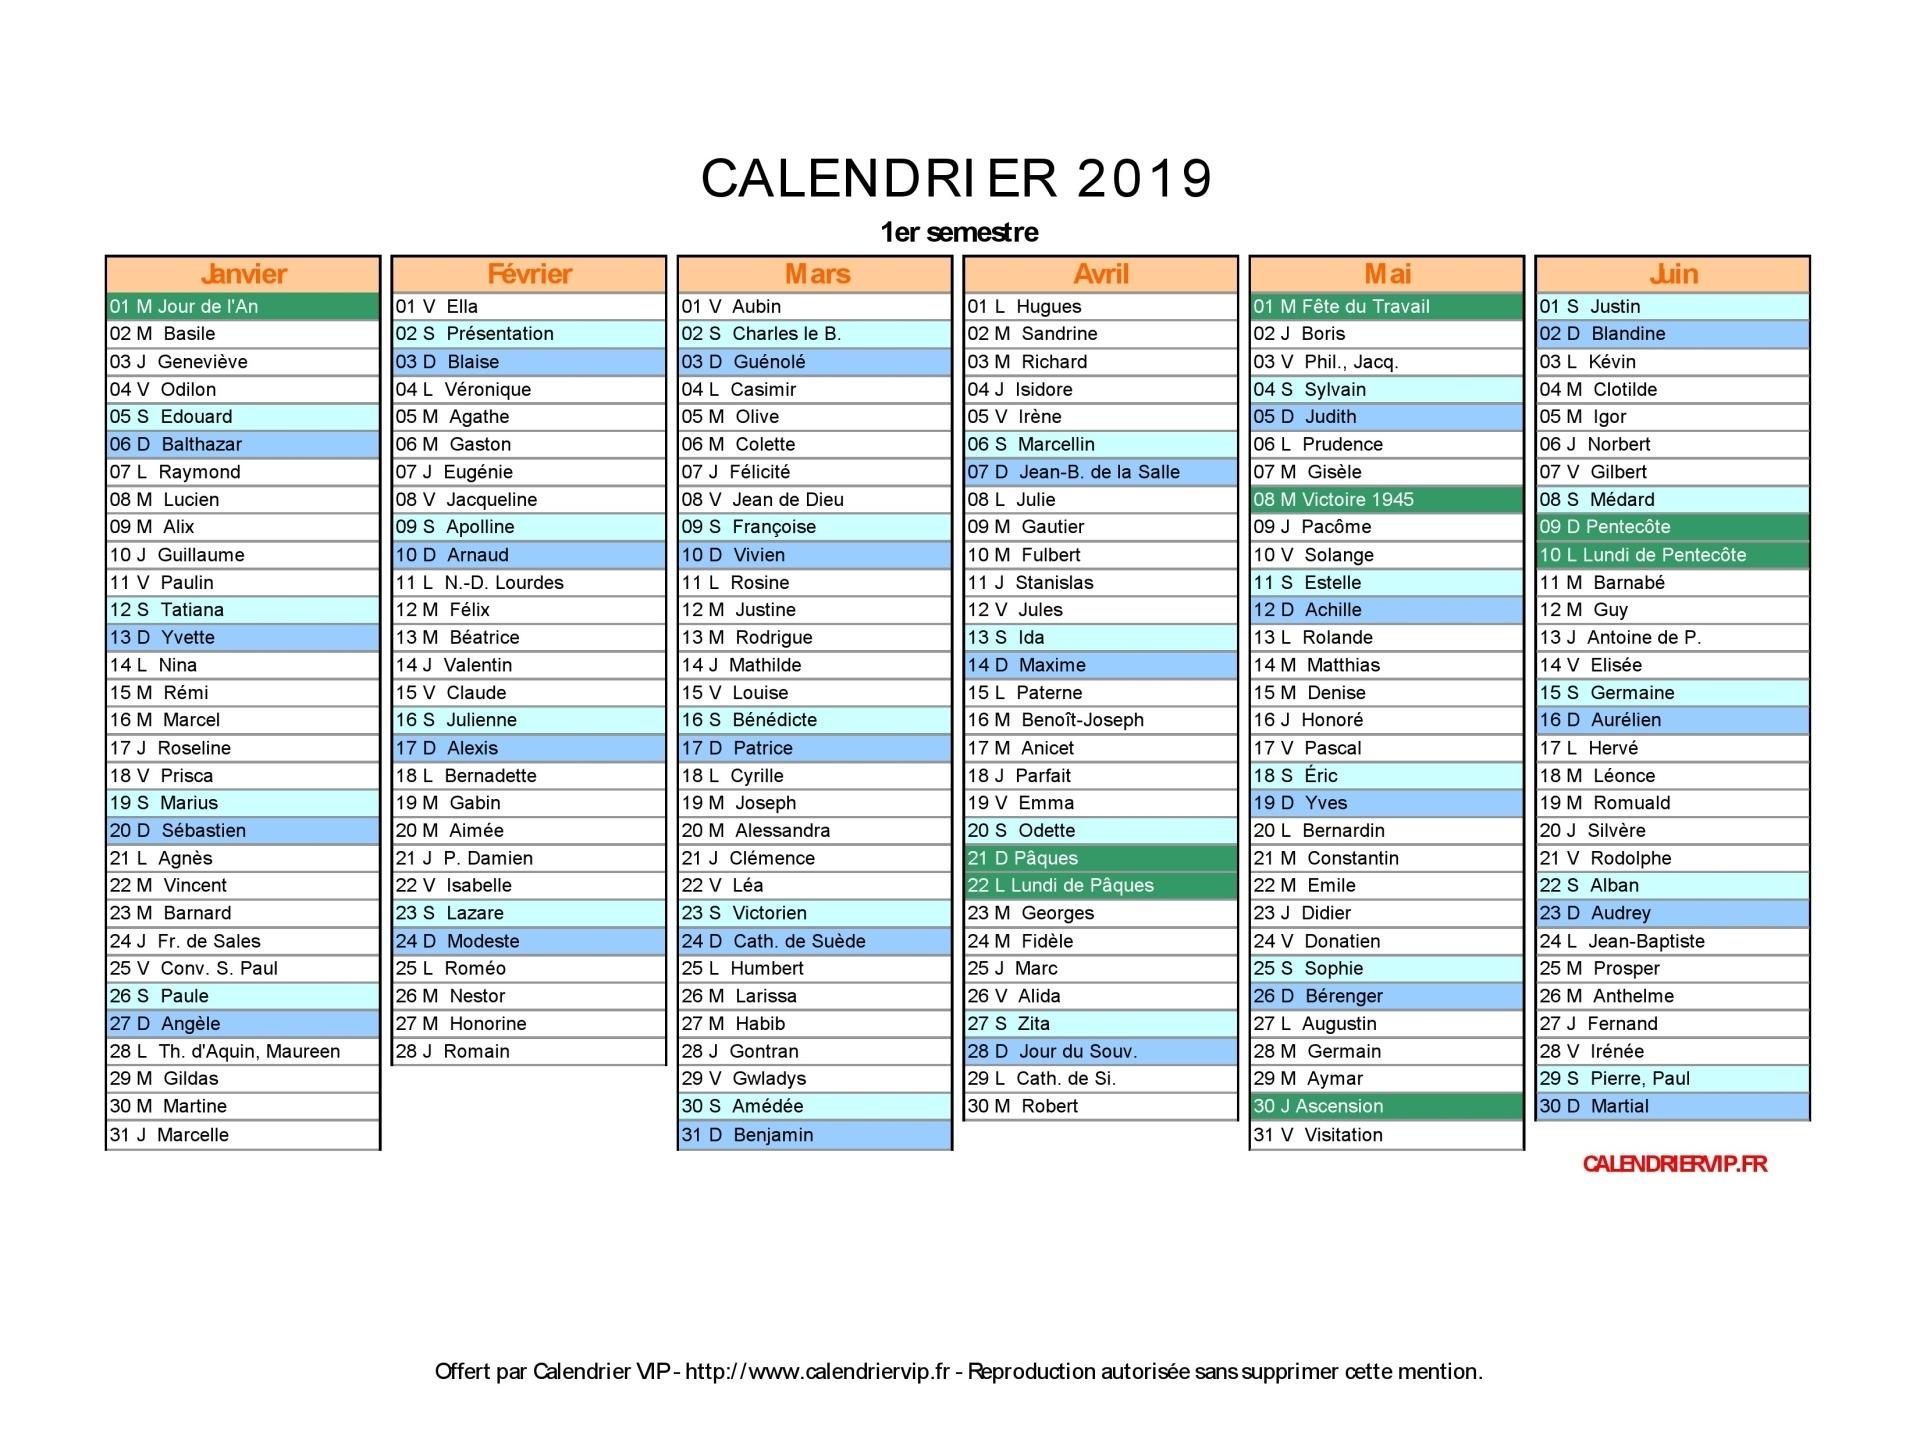 Calendrier 2019 À Imprimer Gratuit En Pdf Et Excel intérieur Calendrier Annuel 2019 À Imprimer Gratuit